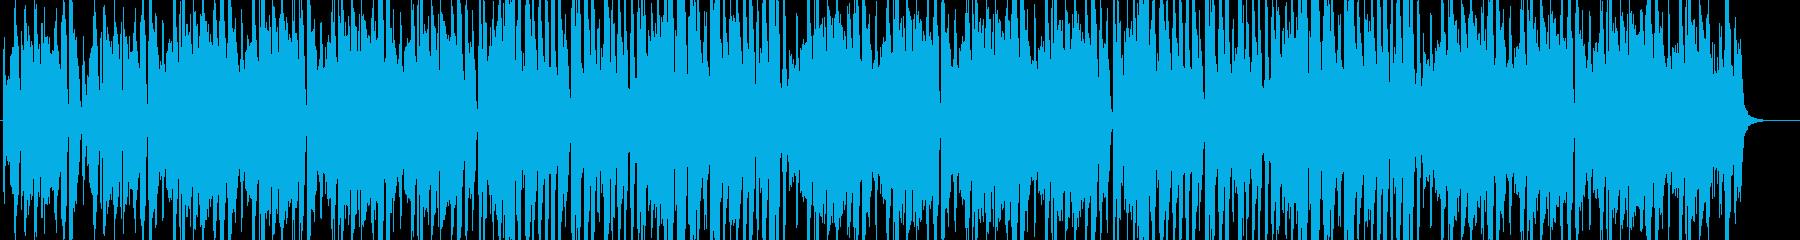 CM向け!明るく楽しいアコーディオン曲の再生済みの波形